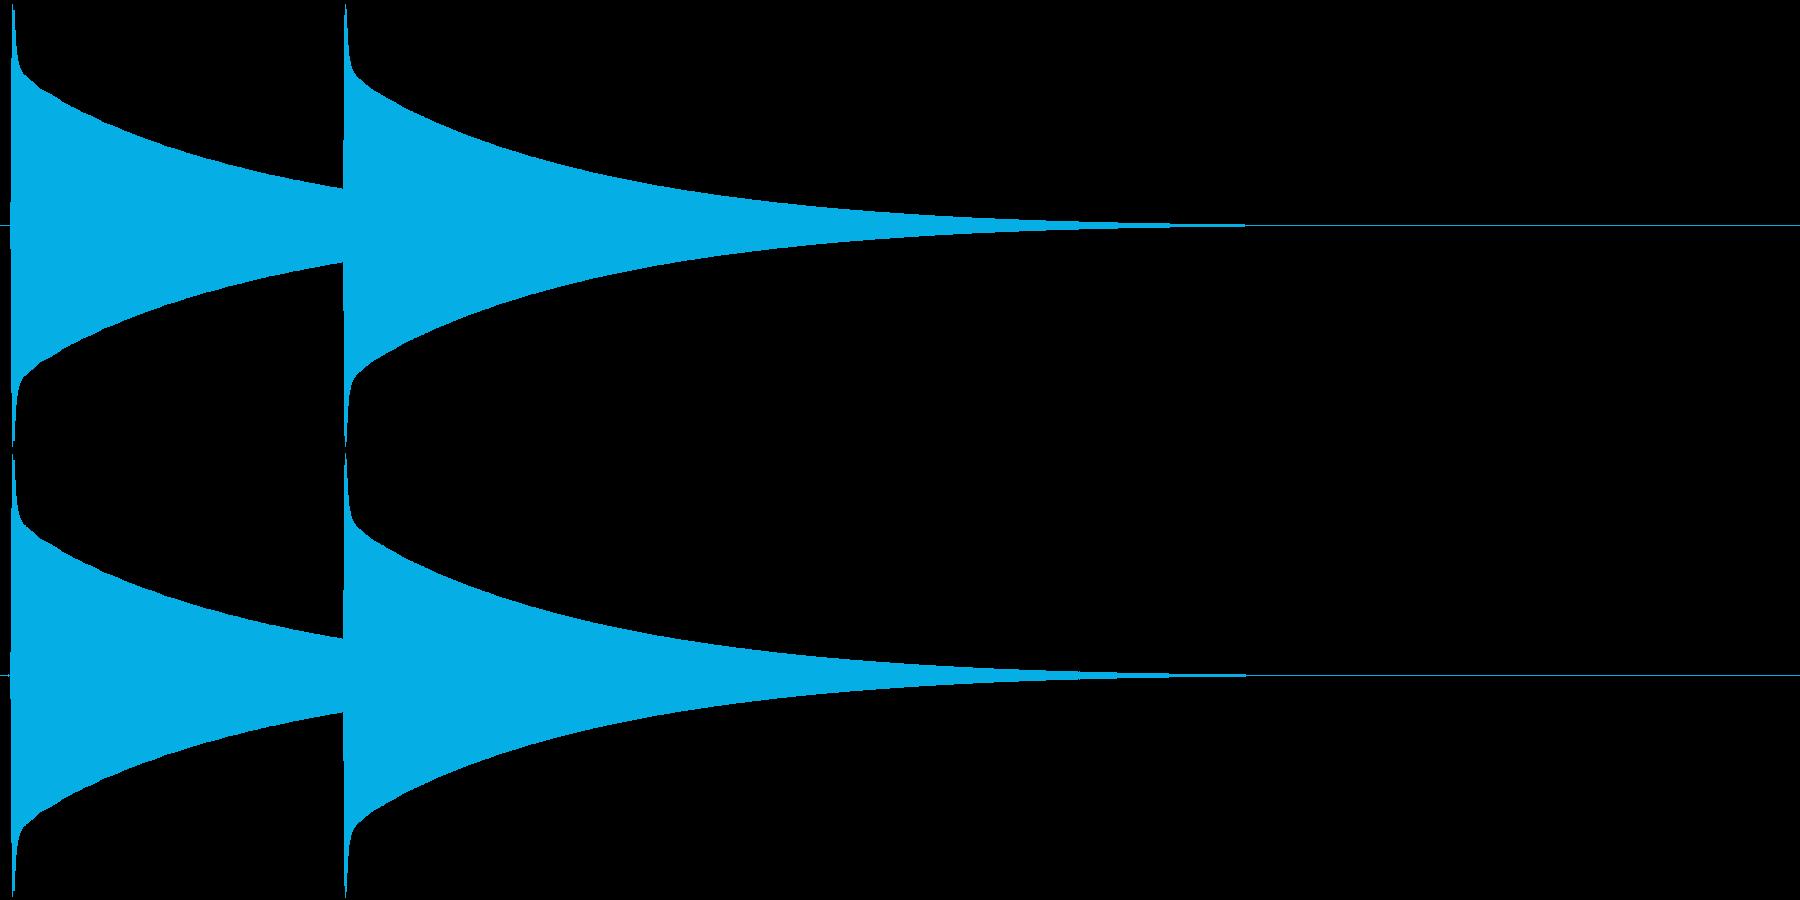 ピーンポーン(インターフォン、入店音)の再生済みの波形